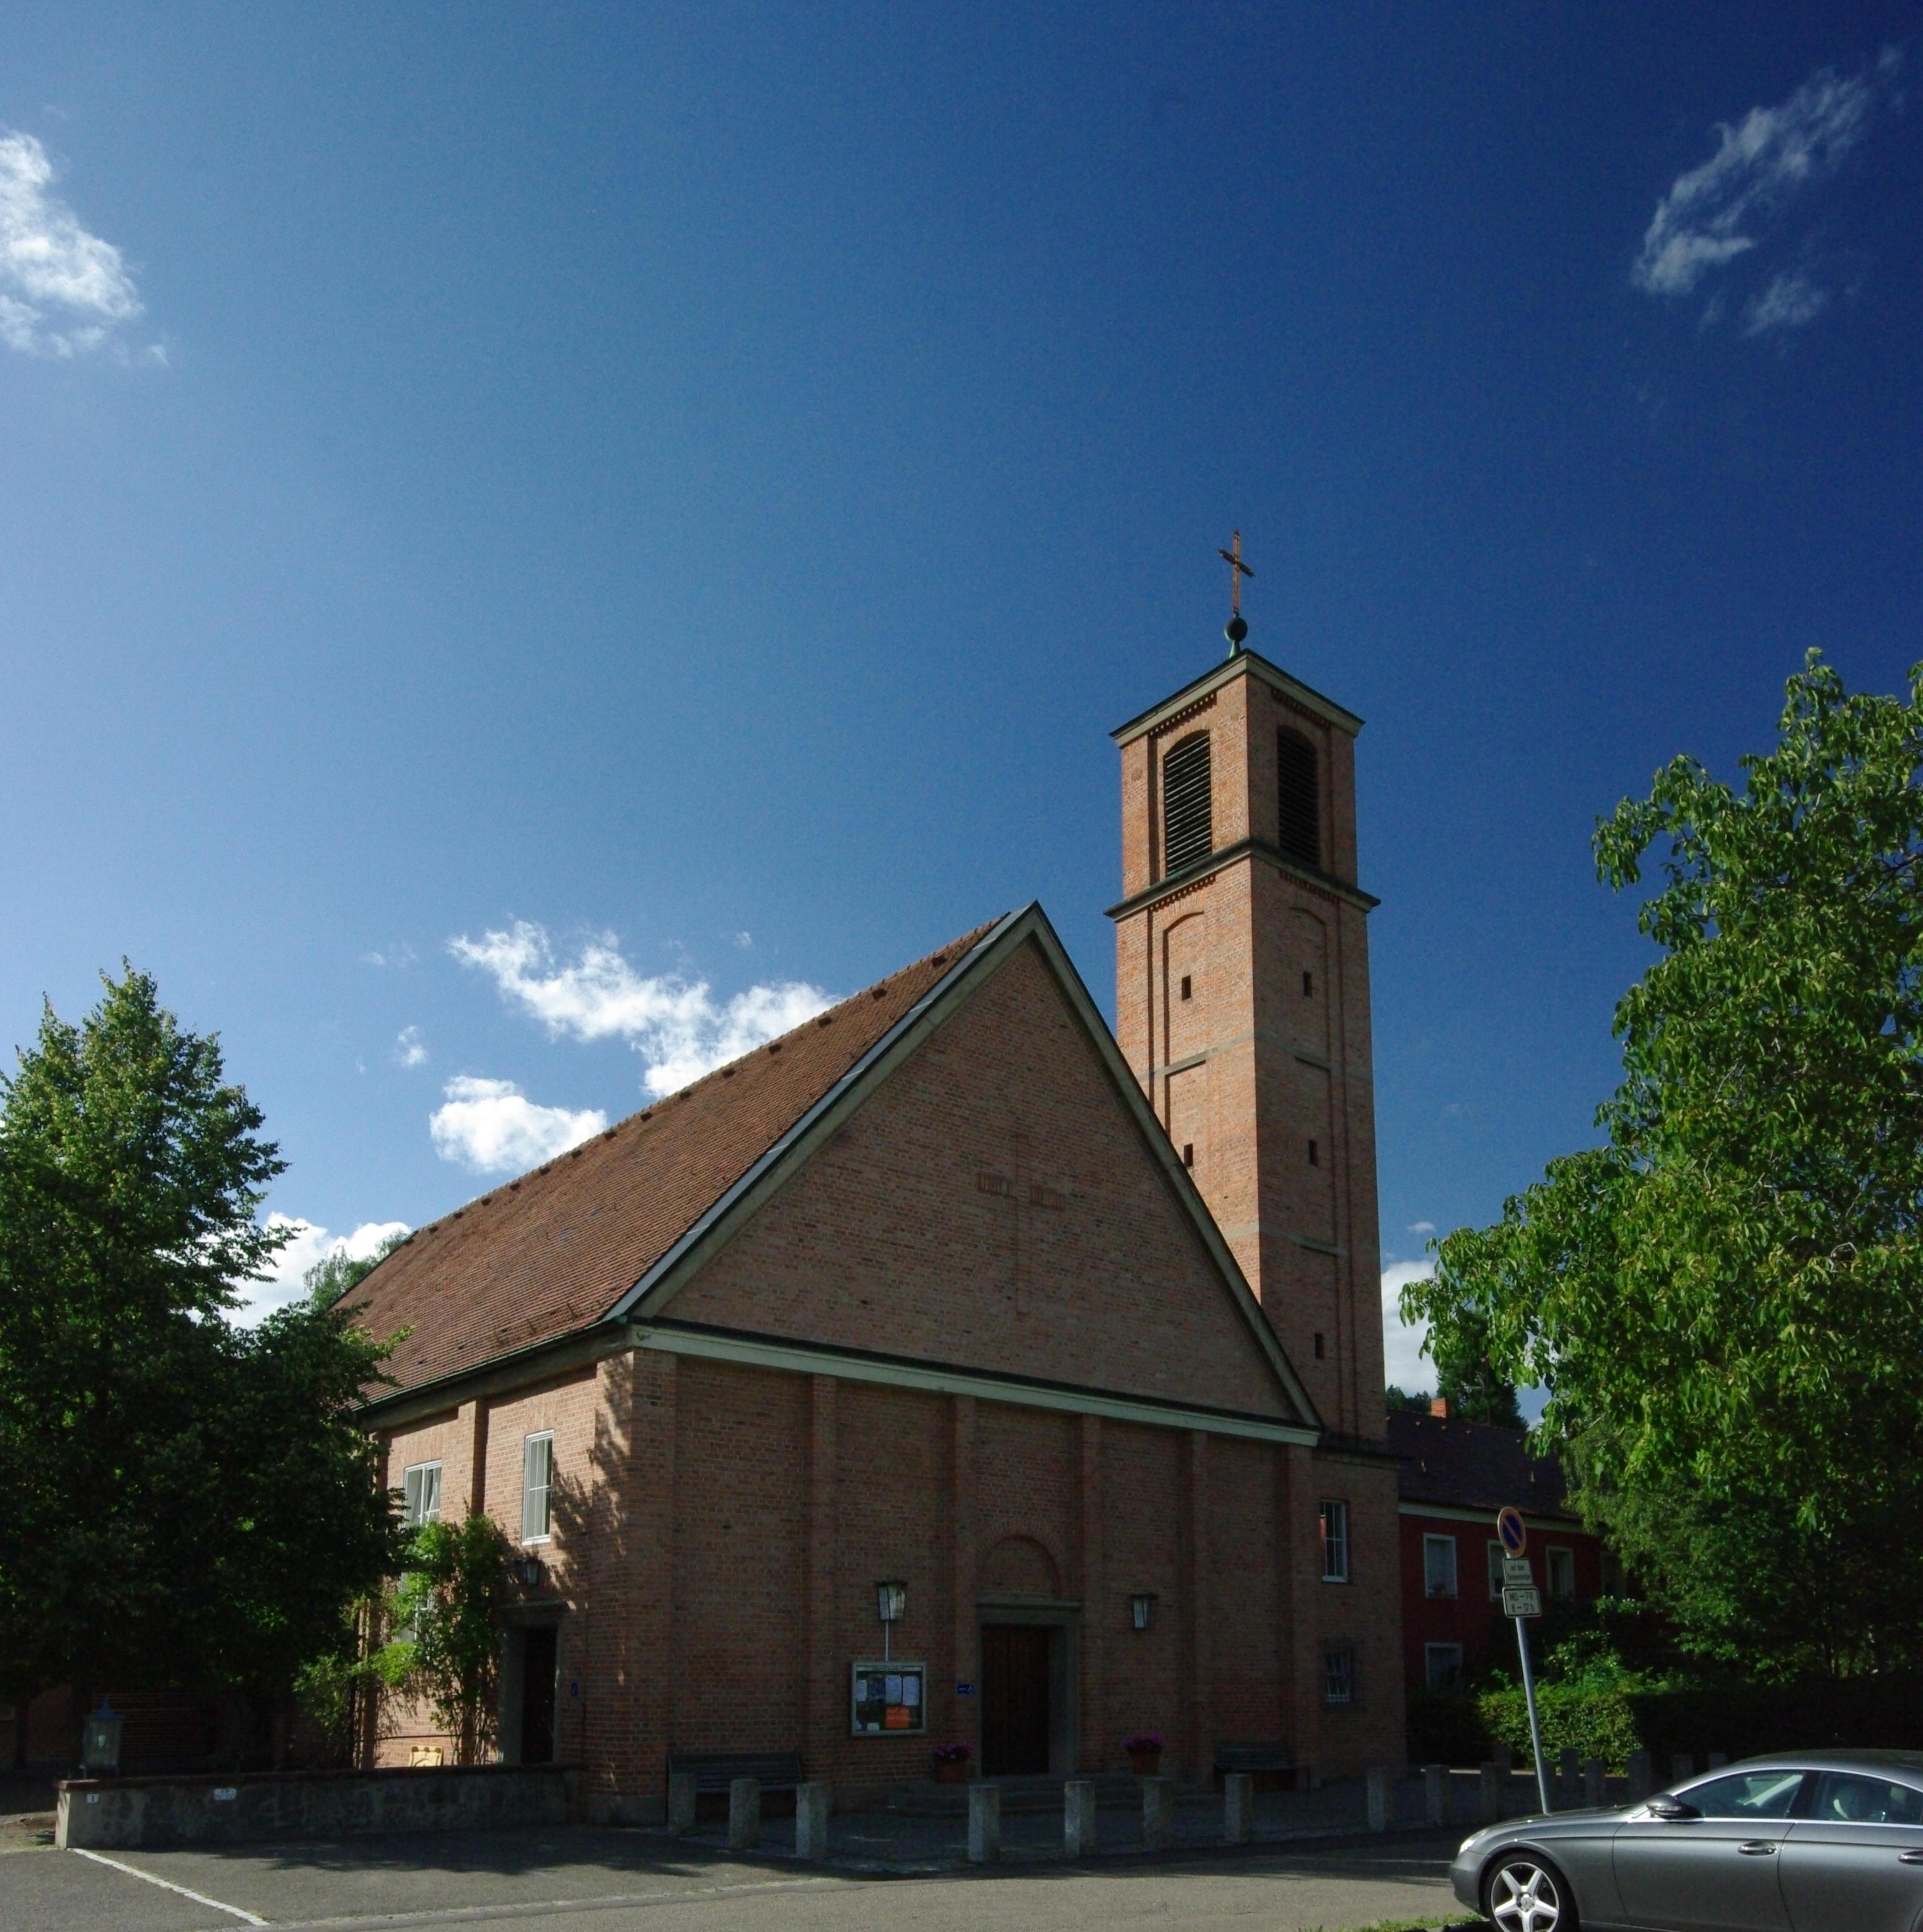 Evangelische kirche freiburg südwest